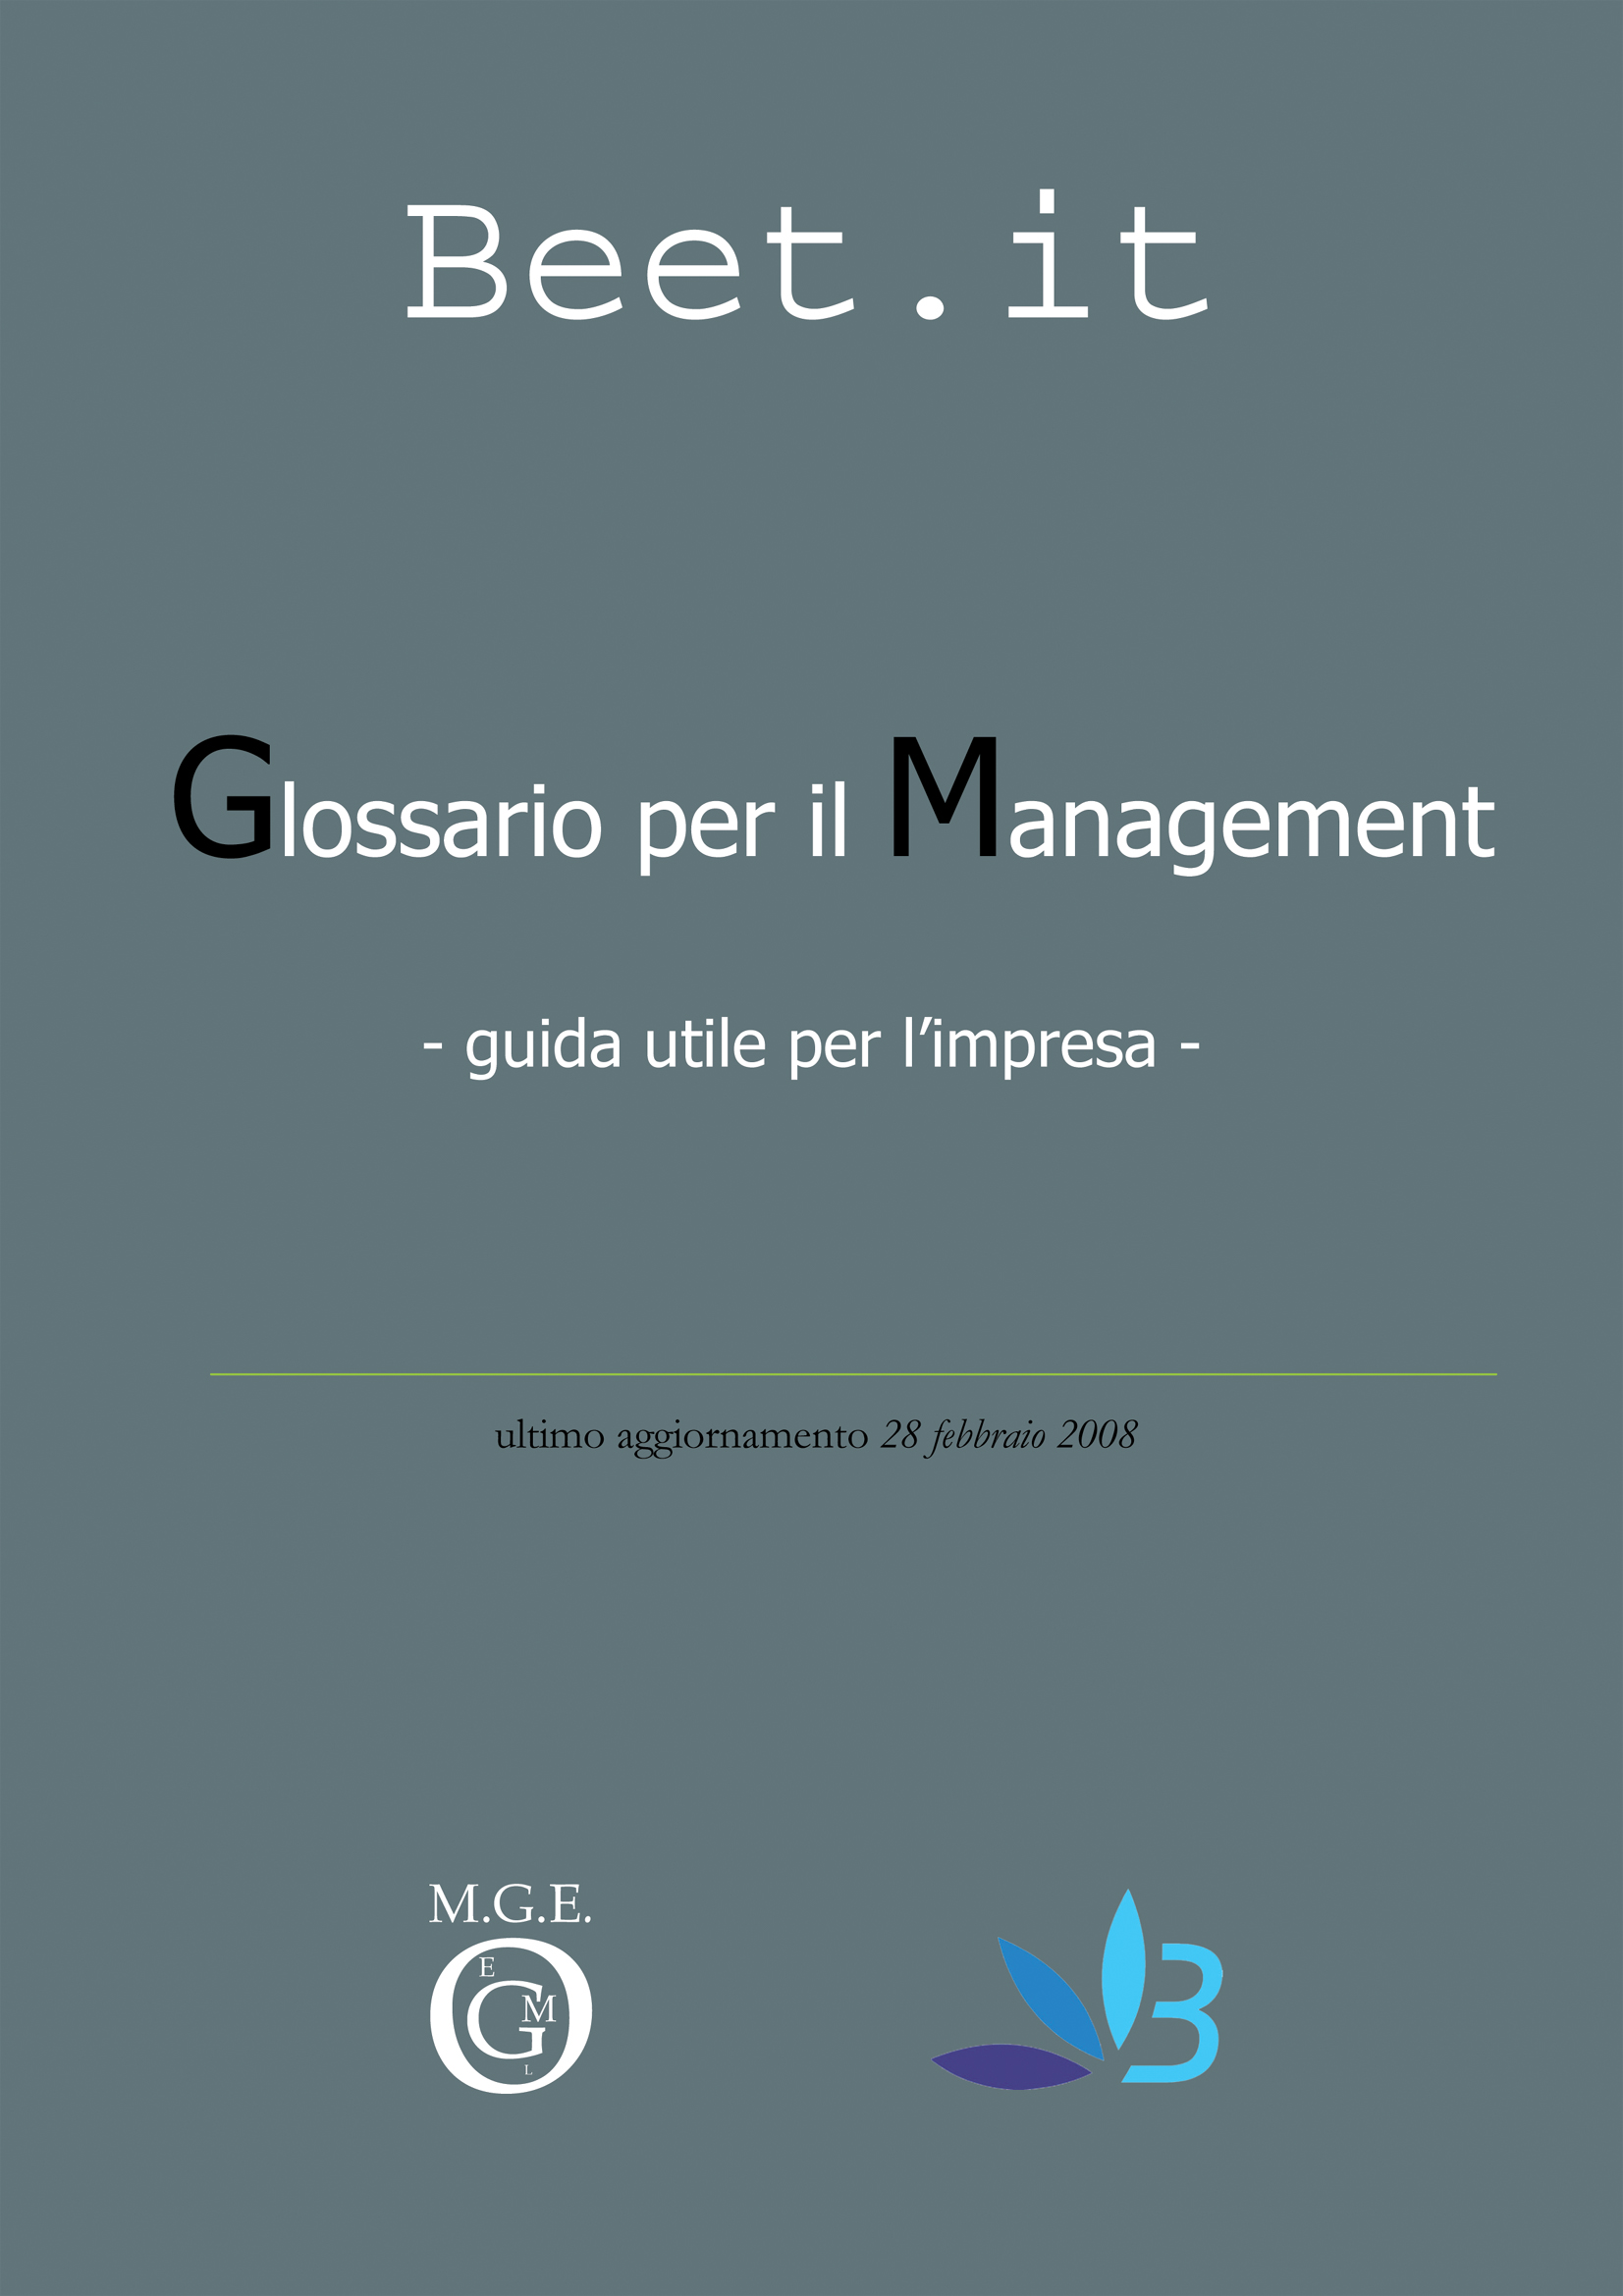 Glossario per il management. Guida utile per l'impresa